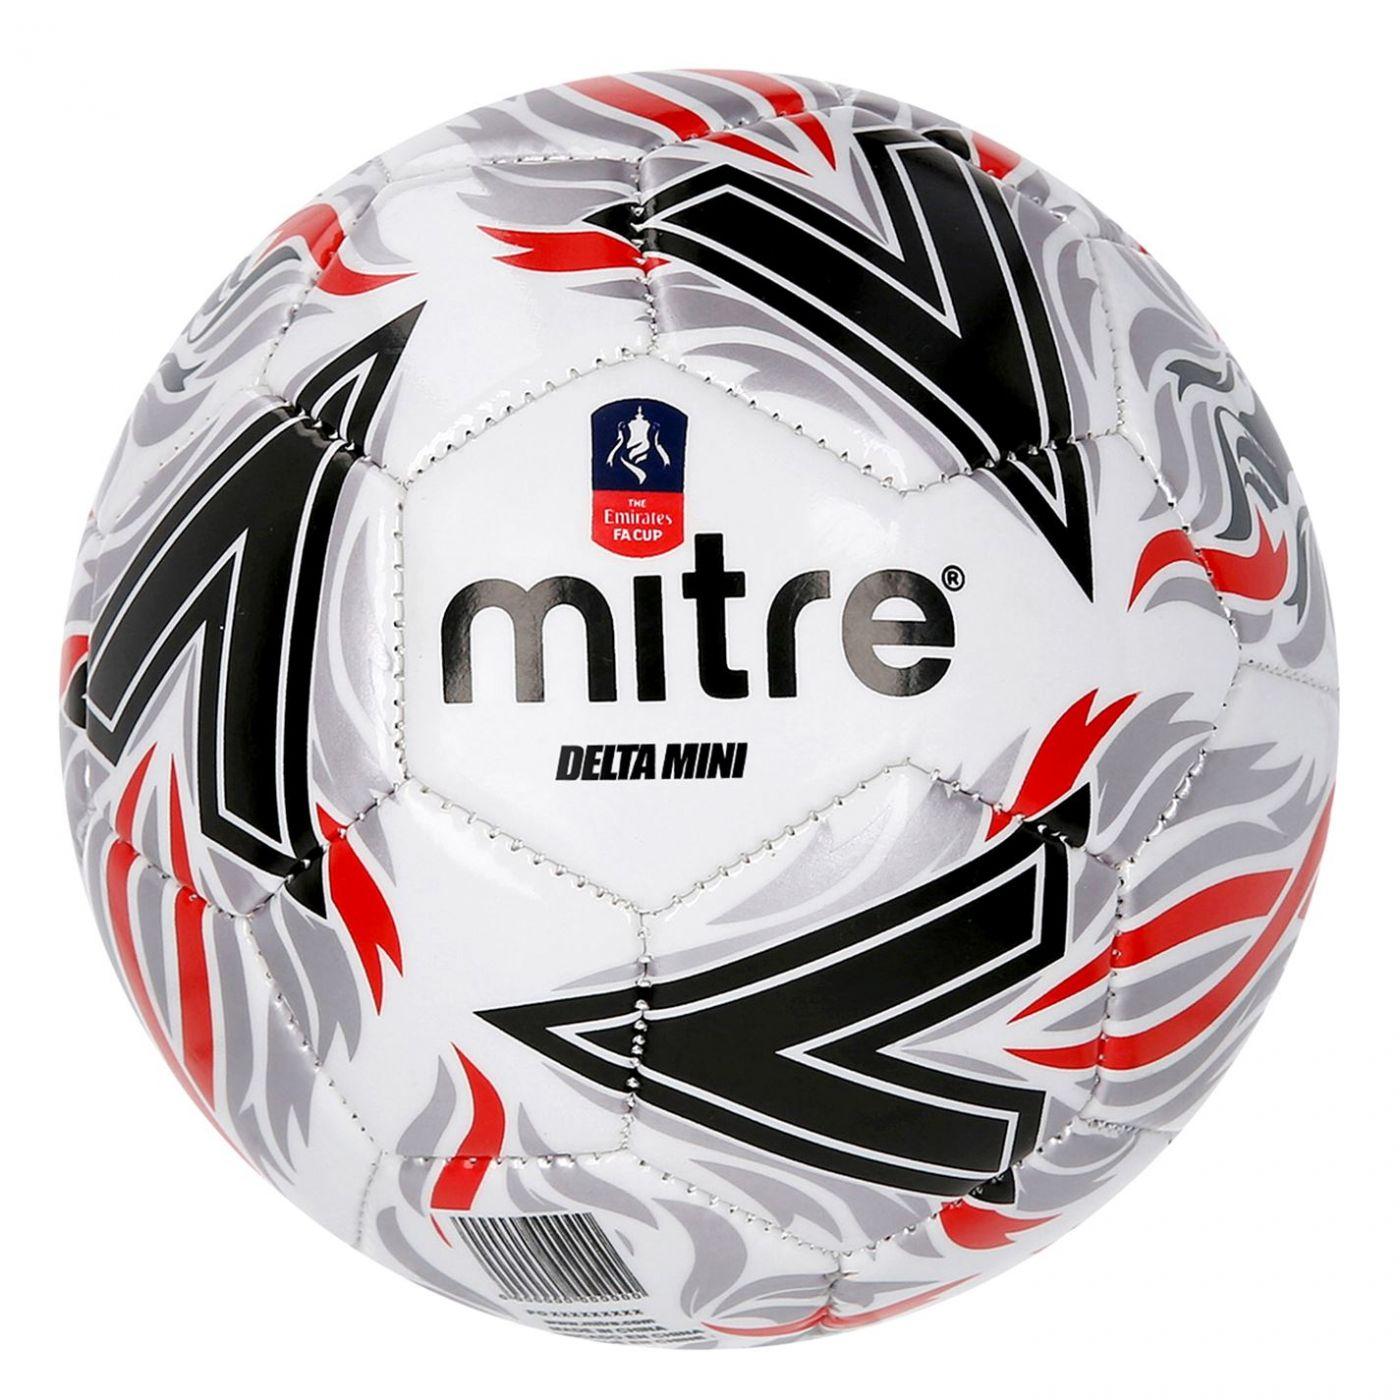 Mitre Delta Mini FA Cup Football